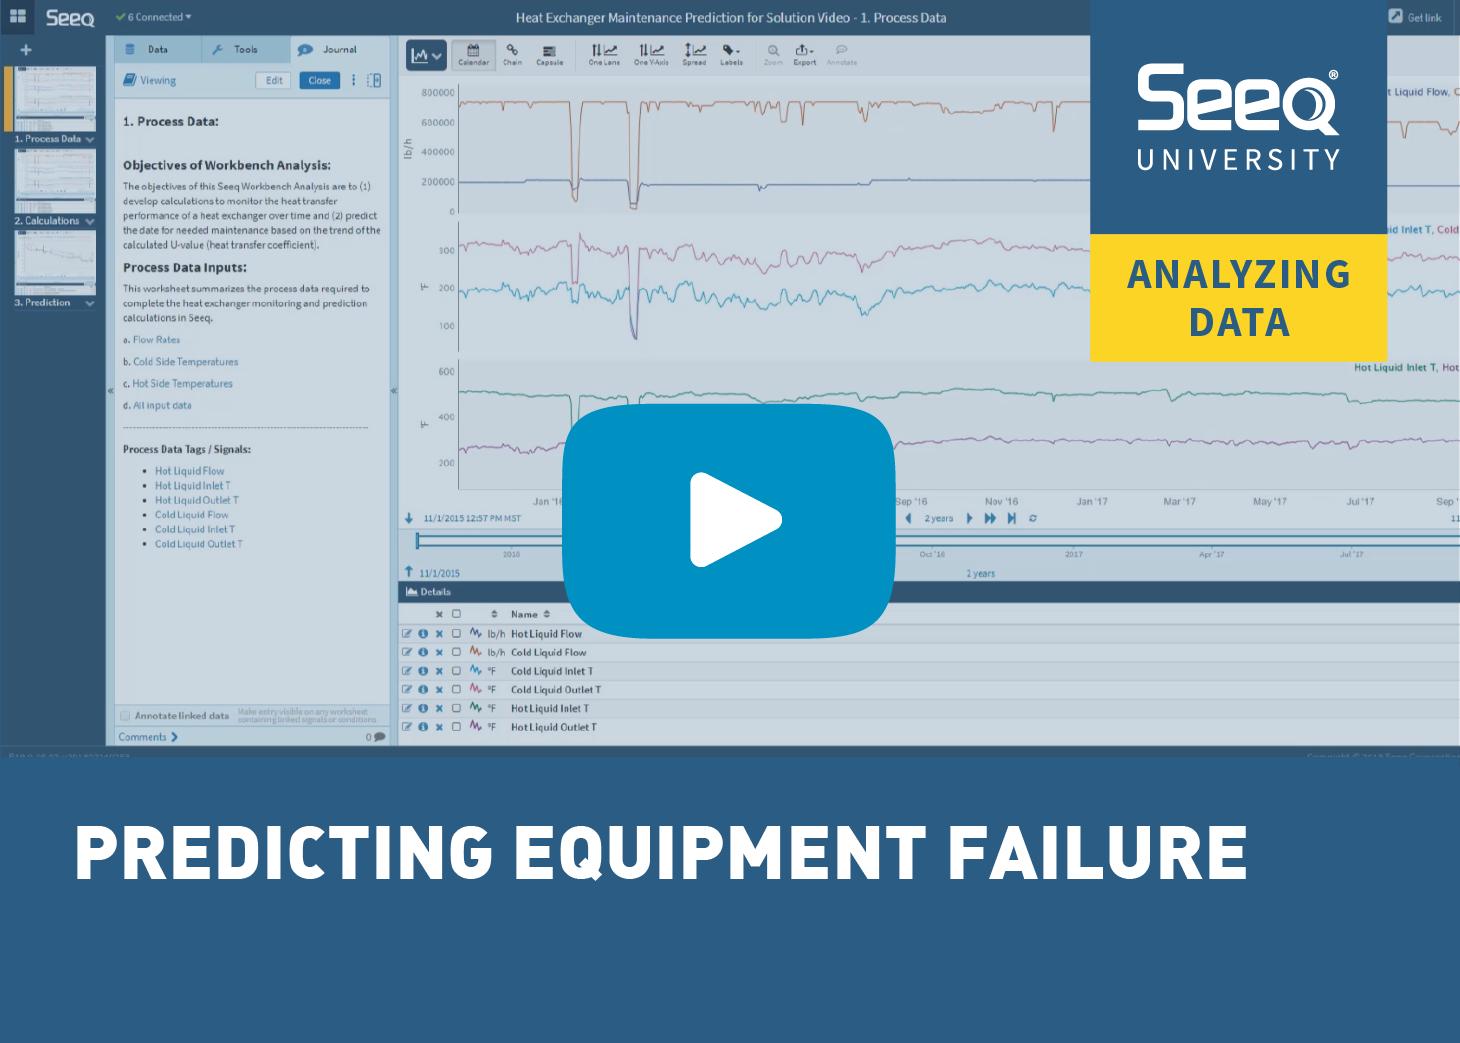 Predicting Quipment Failure HubSpot.png